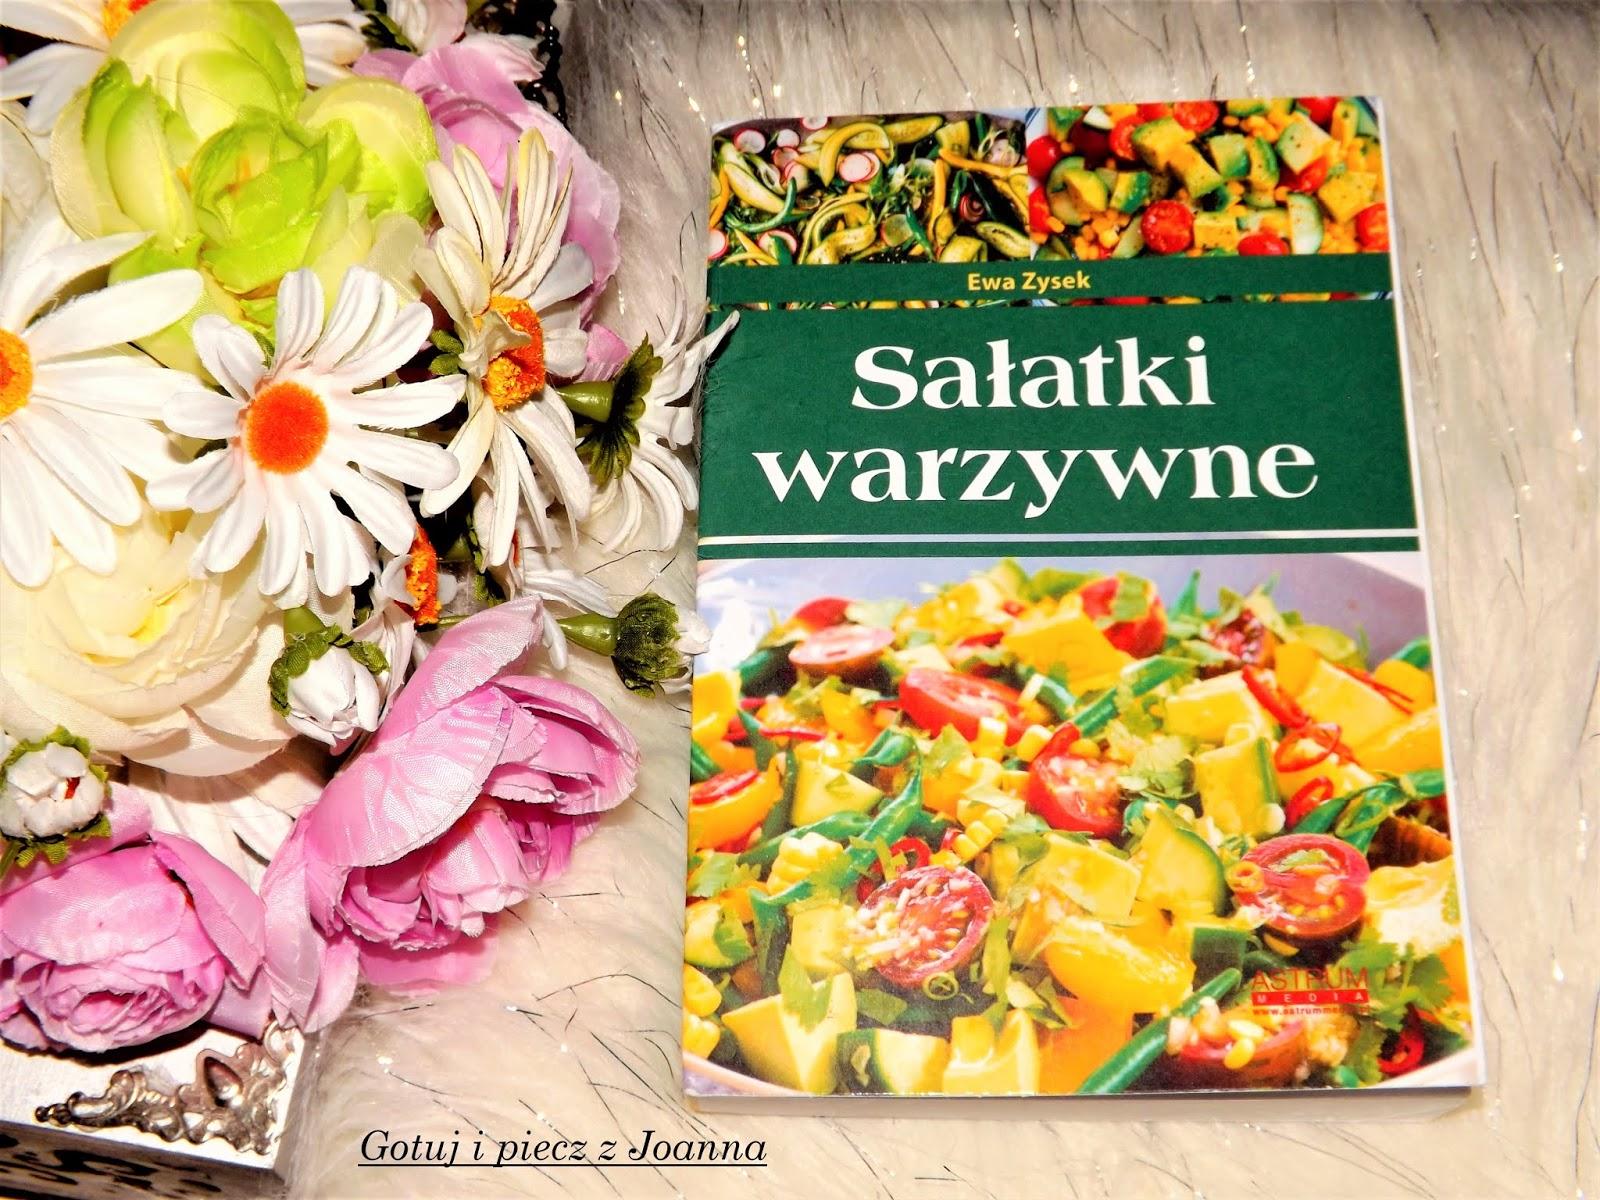 Sałatki warzywne - Ewa Zysek